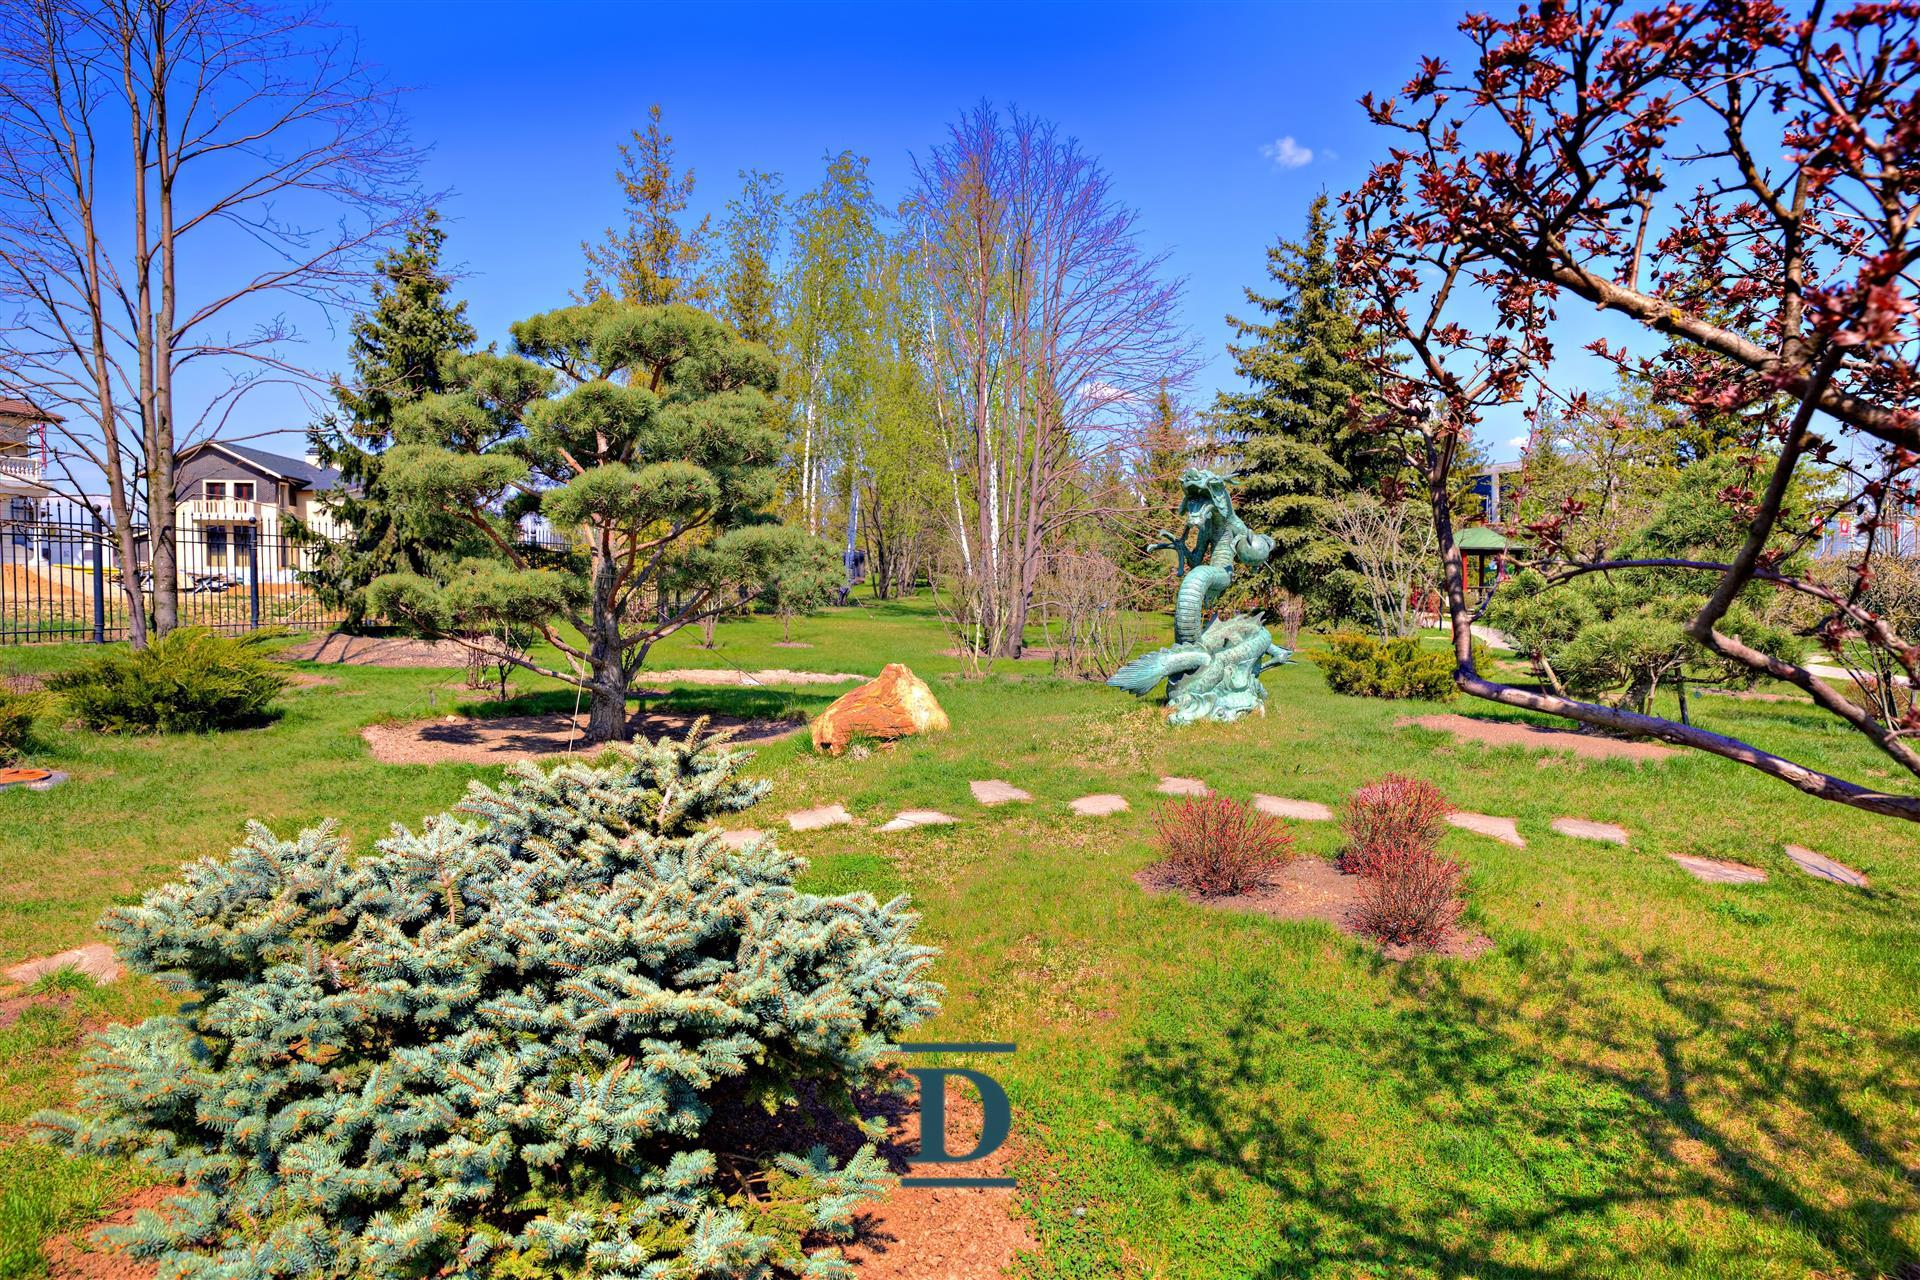 участок ID-258 в коттеджном посёлке Миллениум Парк